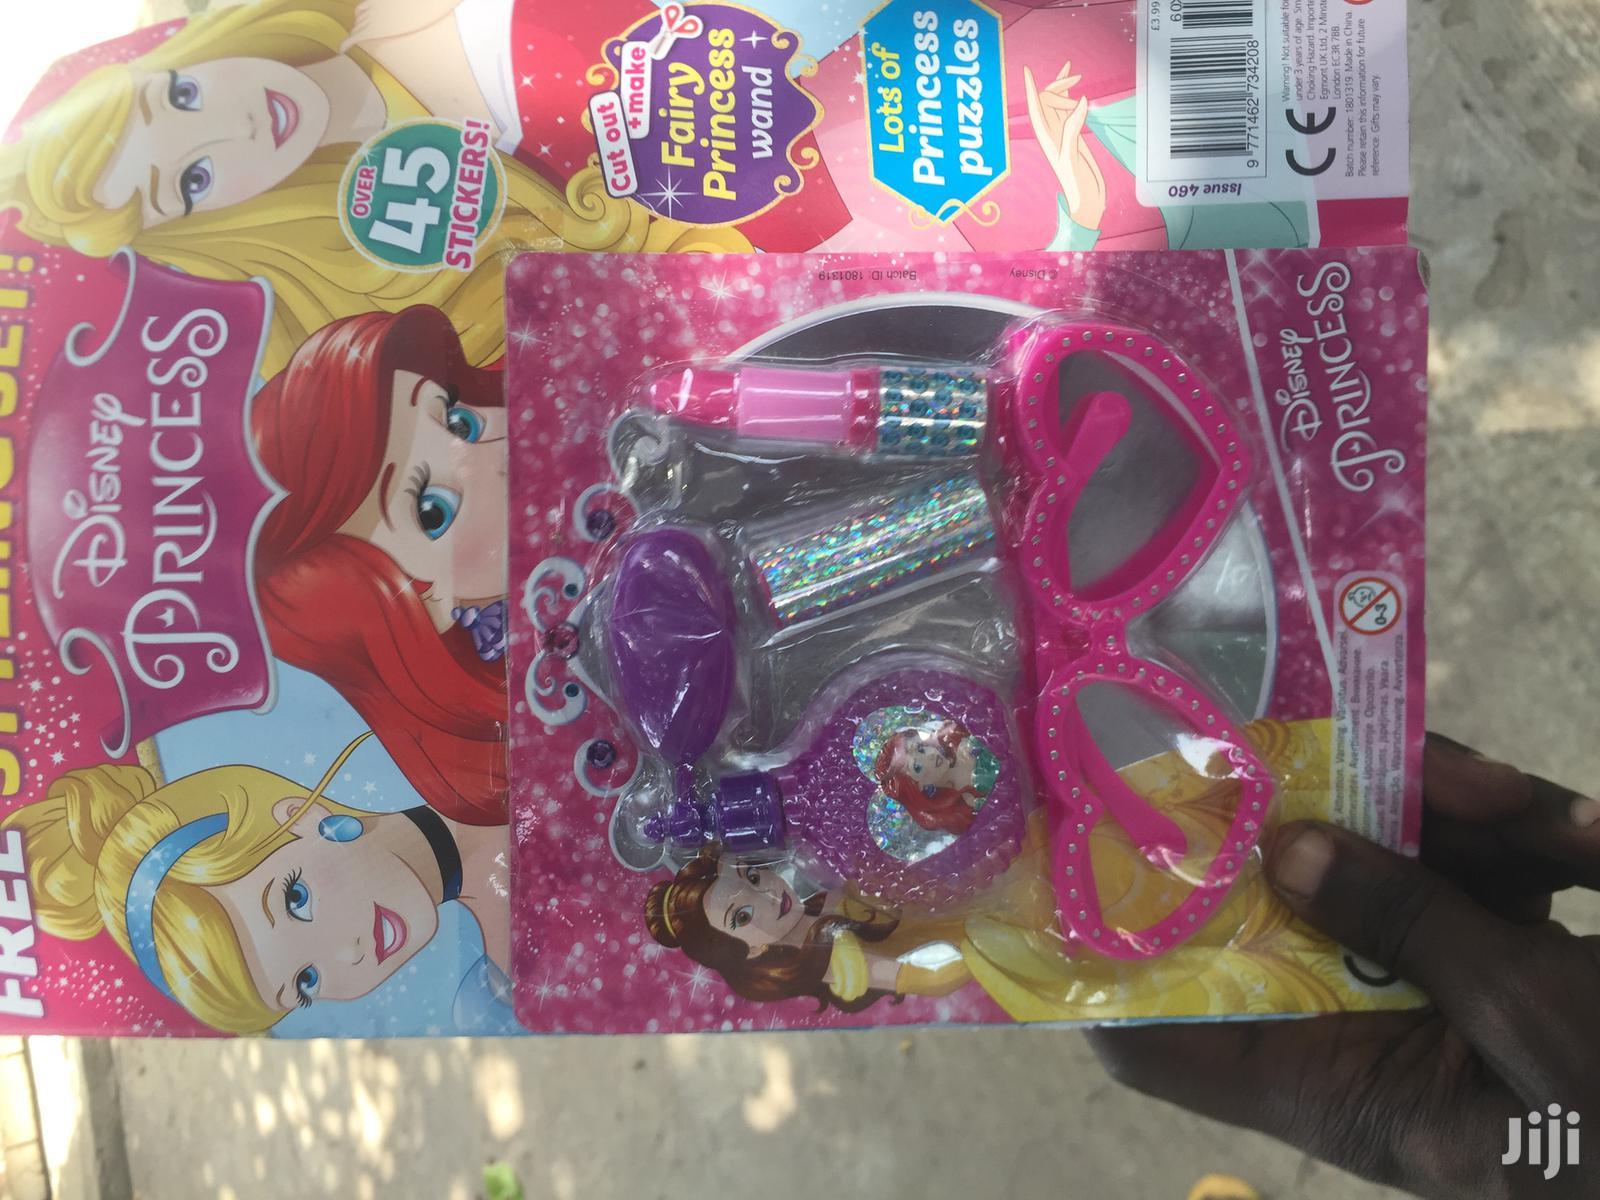 Kids Toys From U.K In Stock